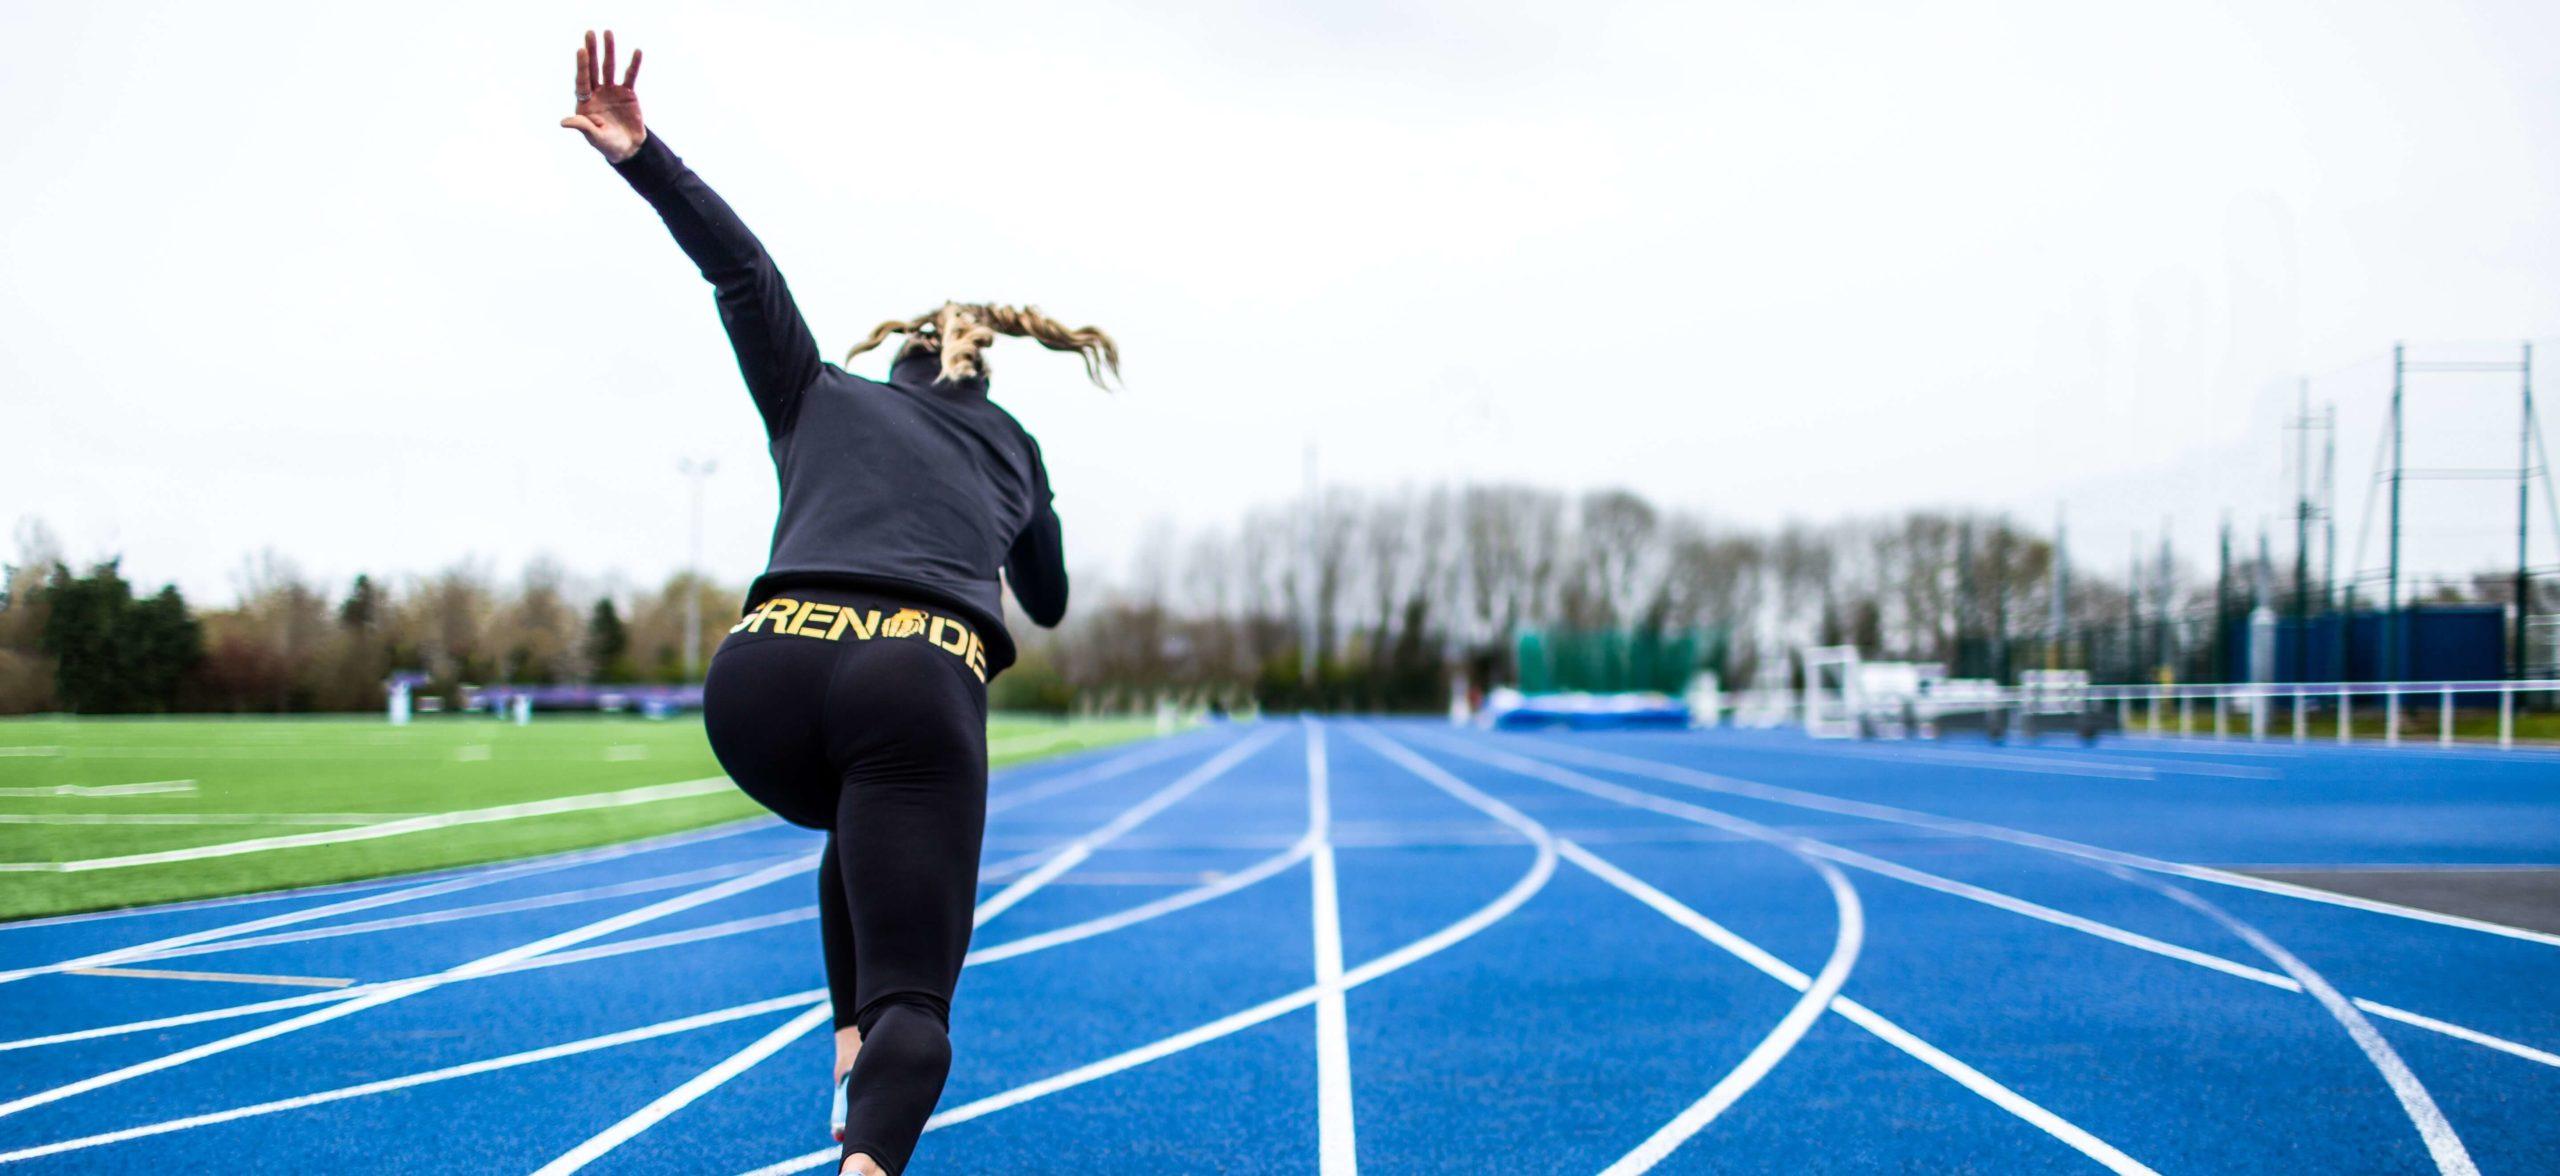 How to become a sprinter